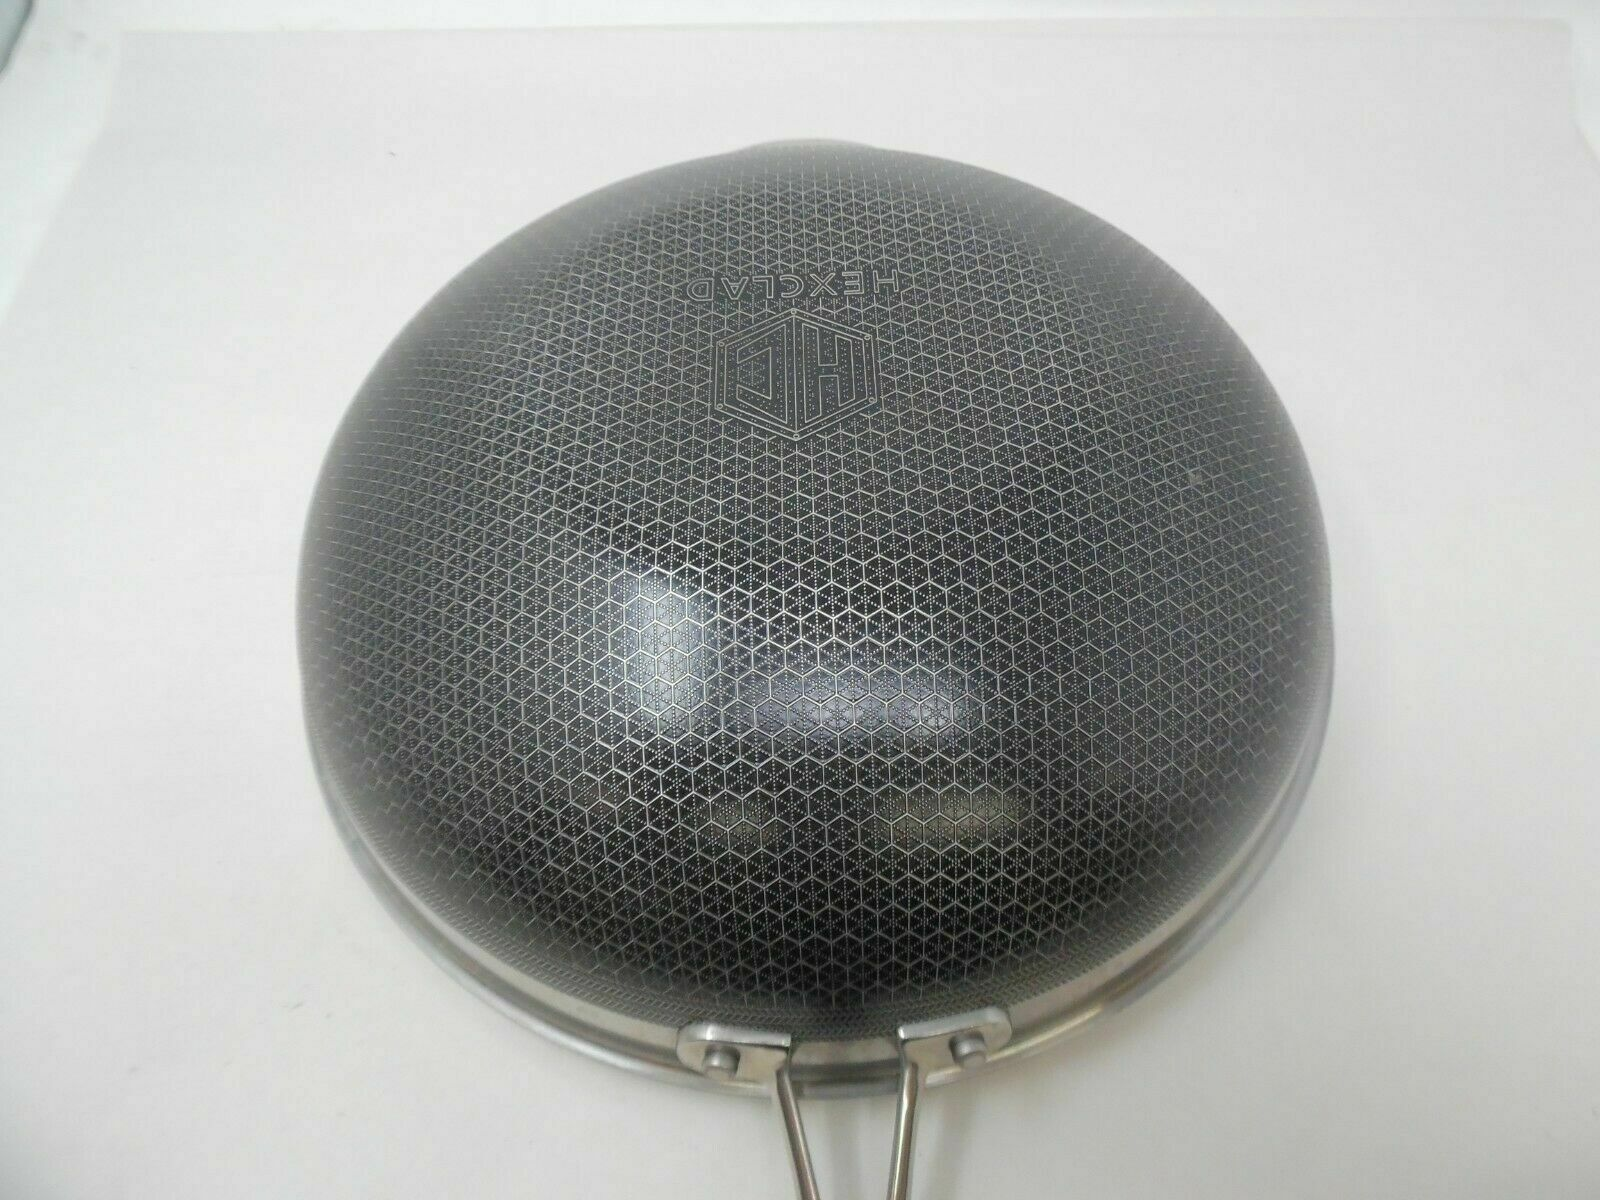 HexClad Hybrid Non-Stick 12-inch Wok